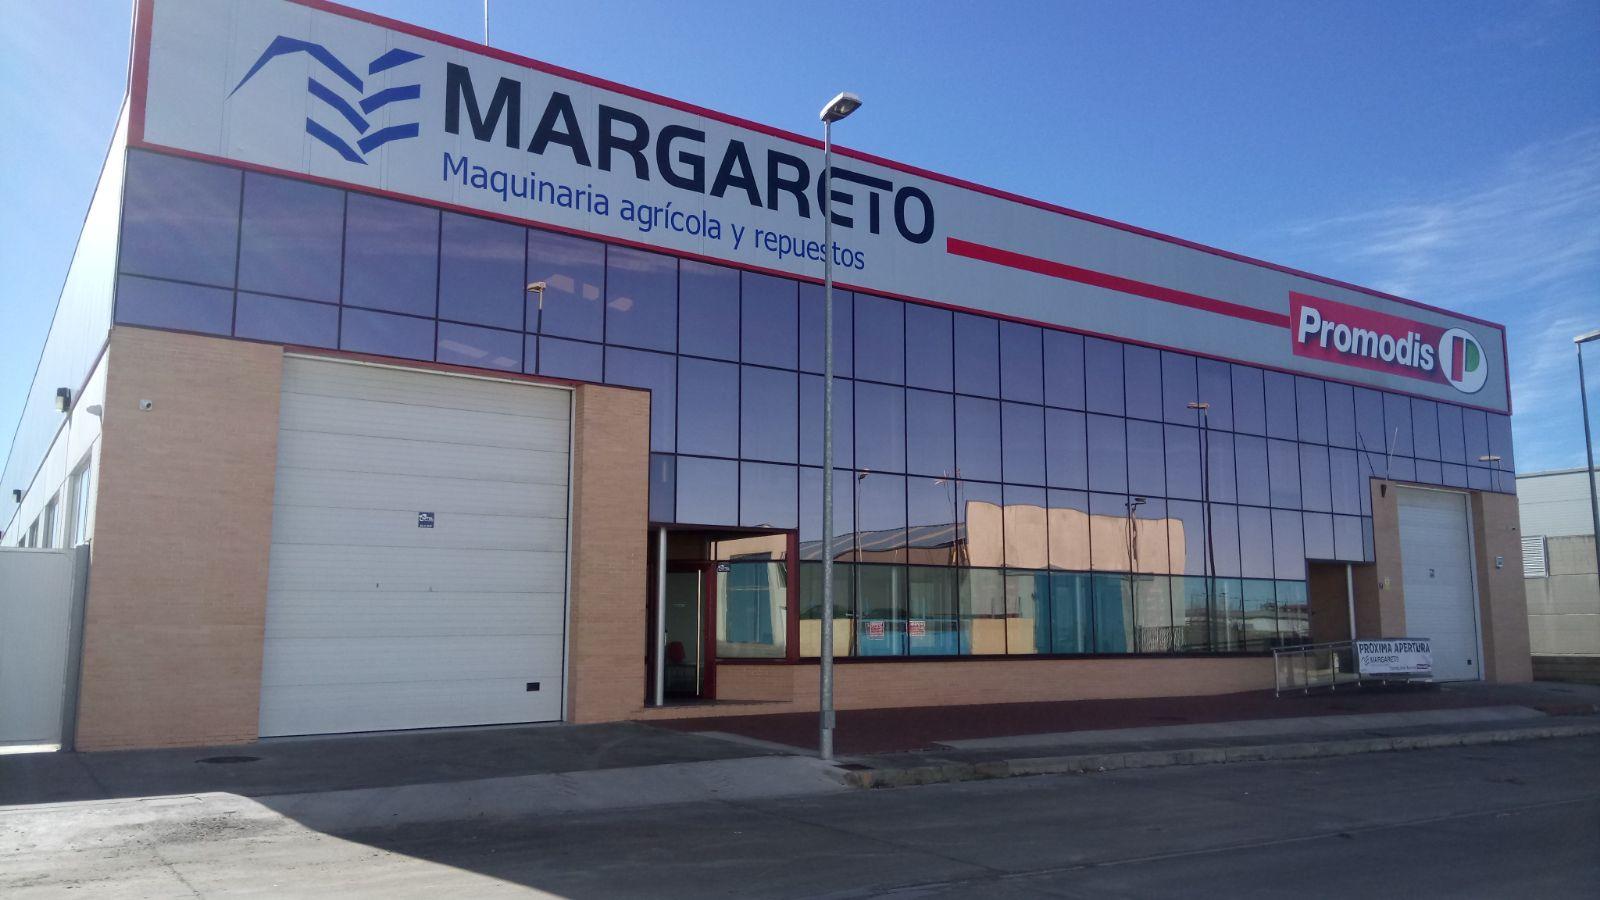 Entreprise MAQUINARIA Y REPUESTOS MARGARETO, S.L.